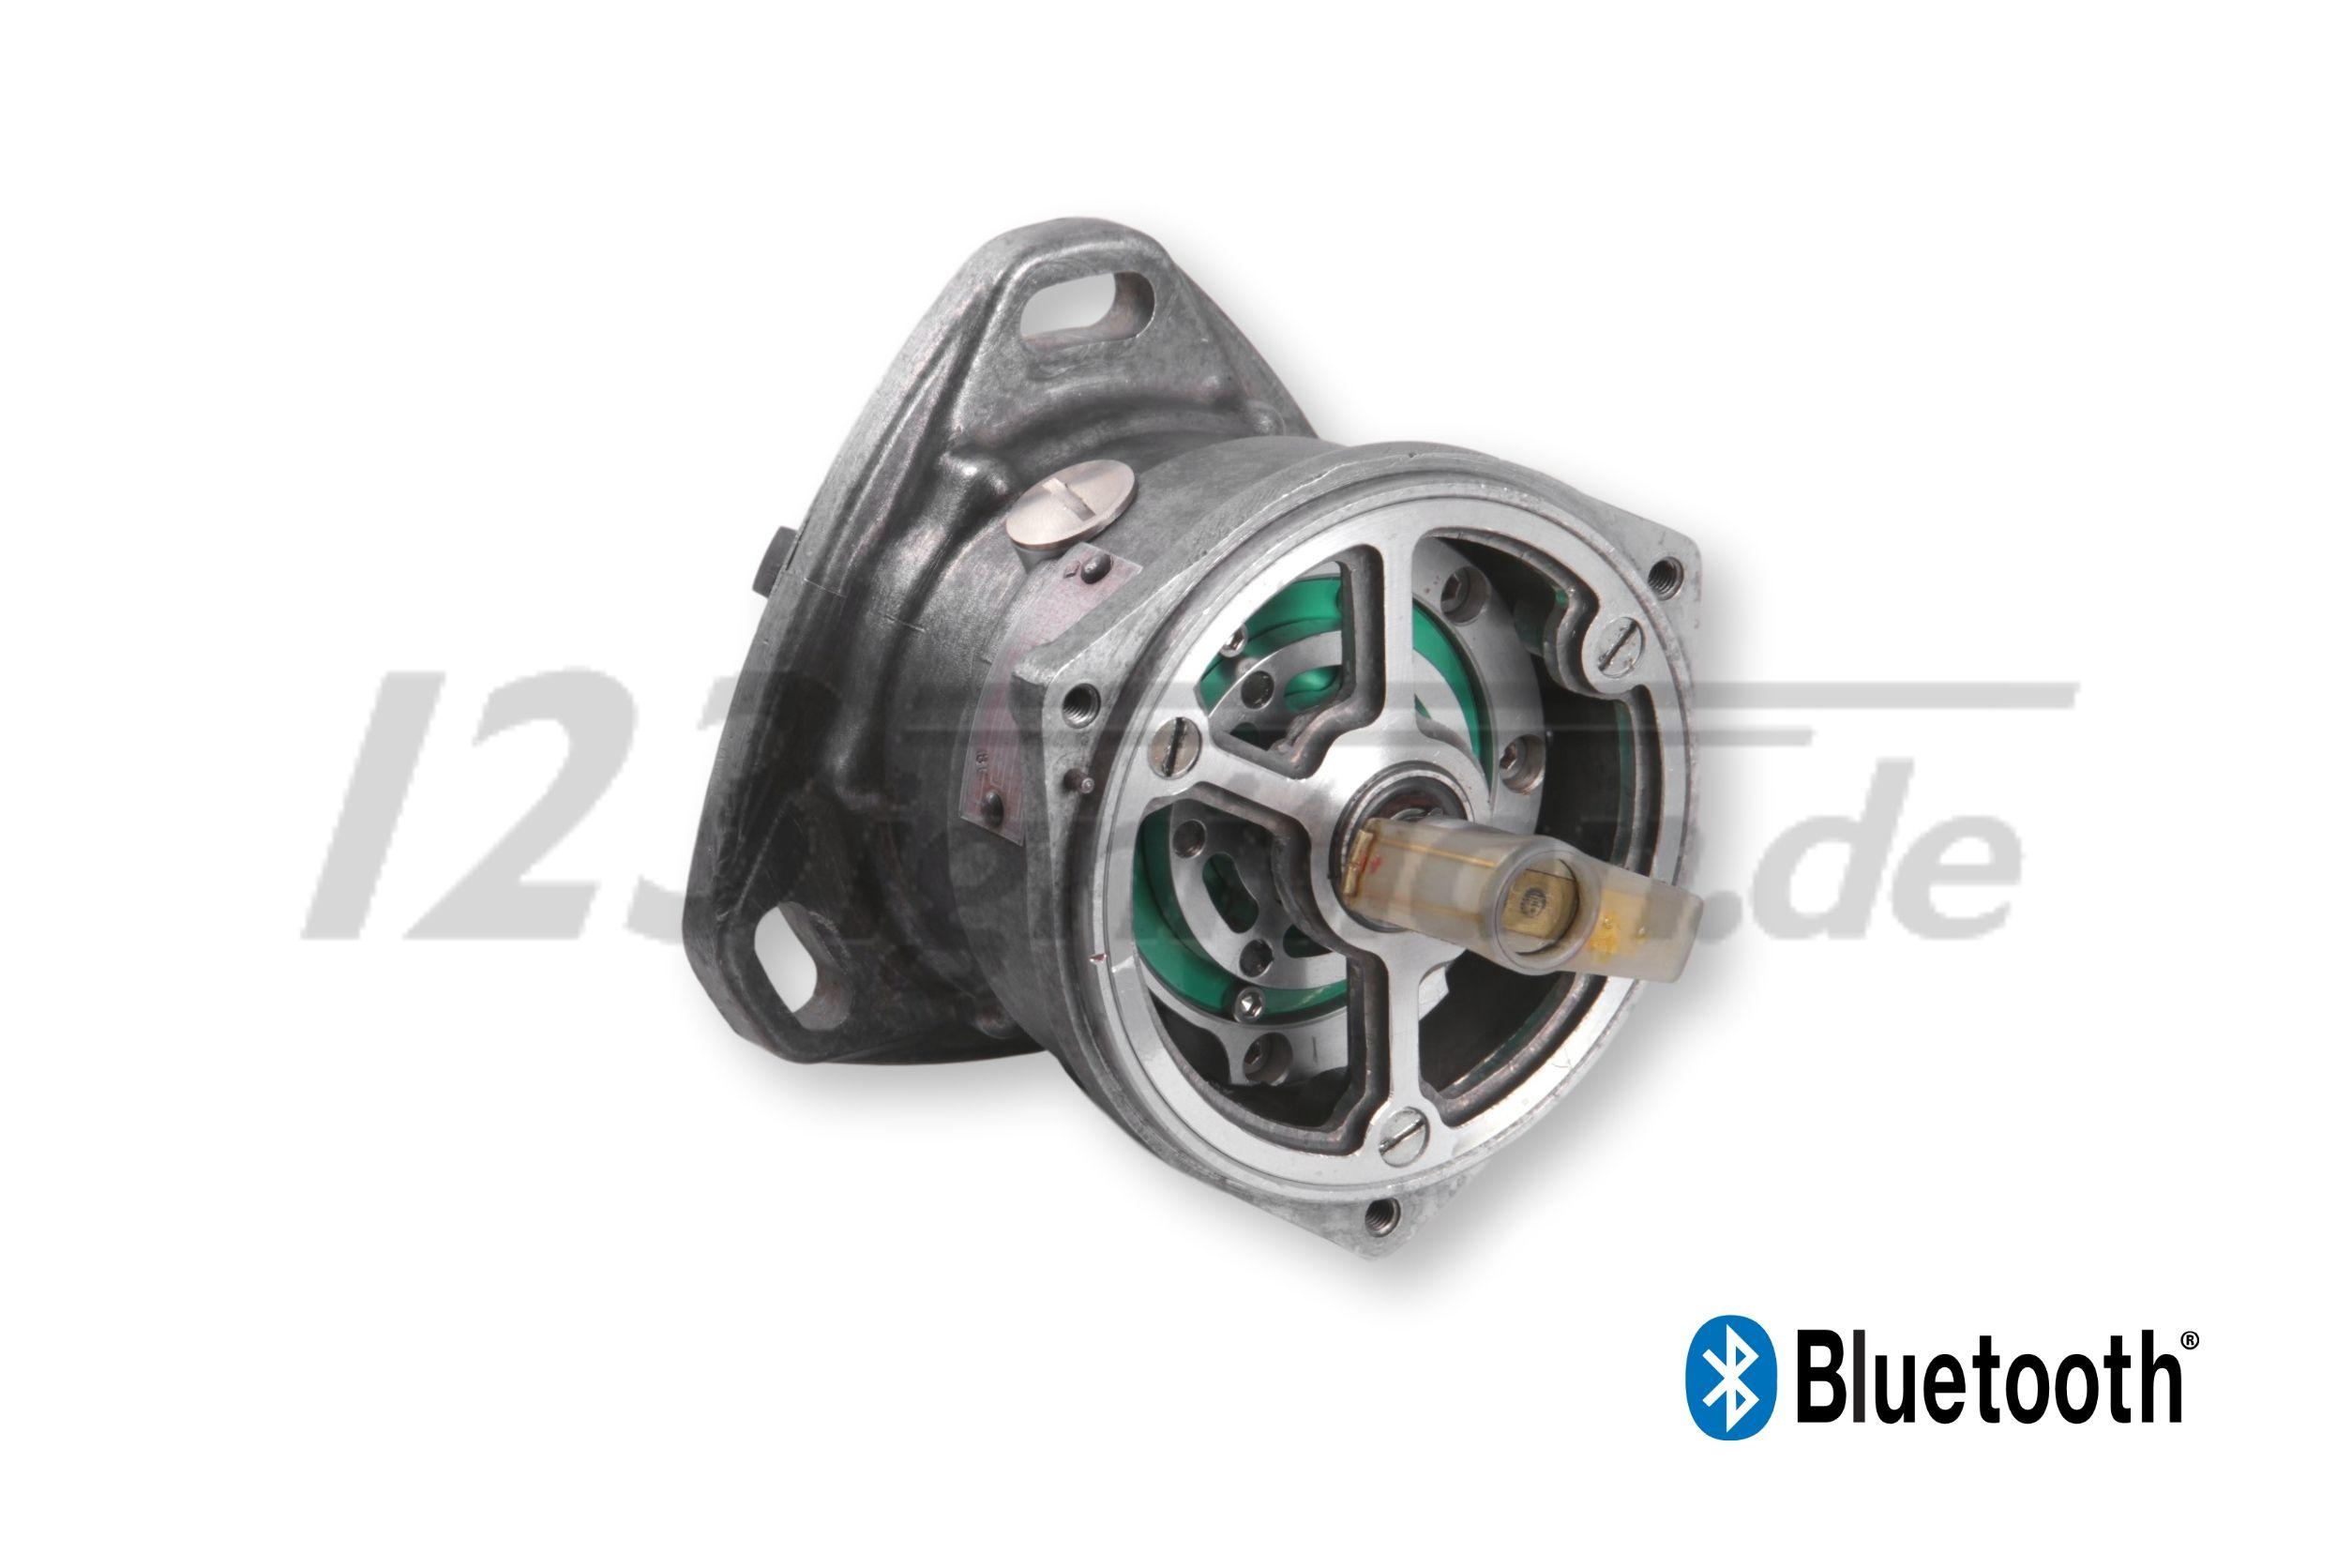 Distribuidor de ignição 123\TUNE+ Bluetooth para Fiat Dino Spider 2.0 ilustração 2